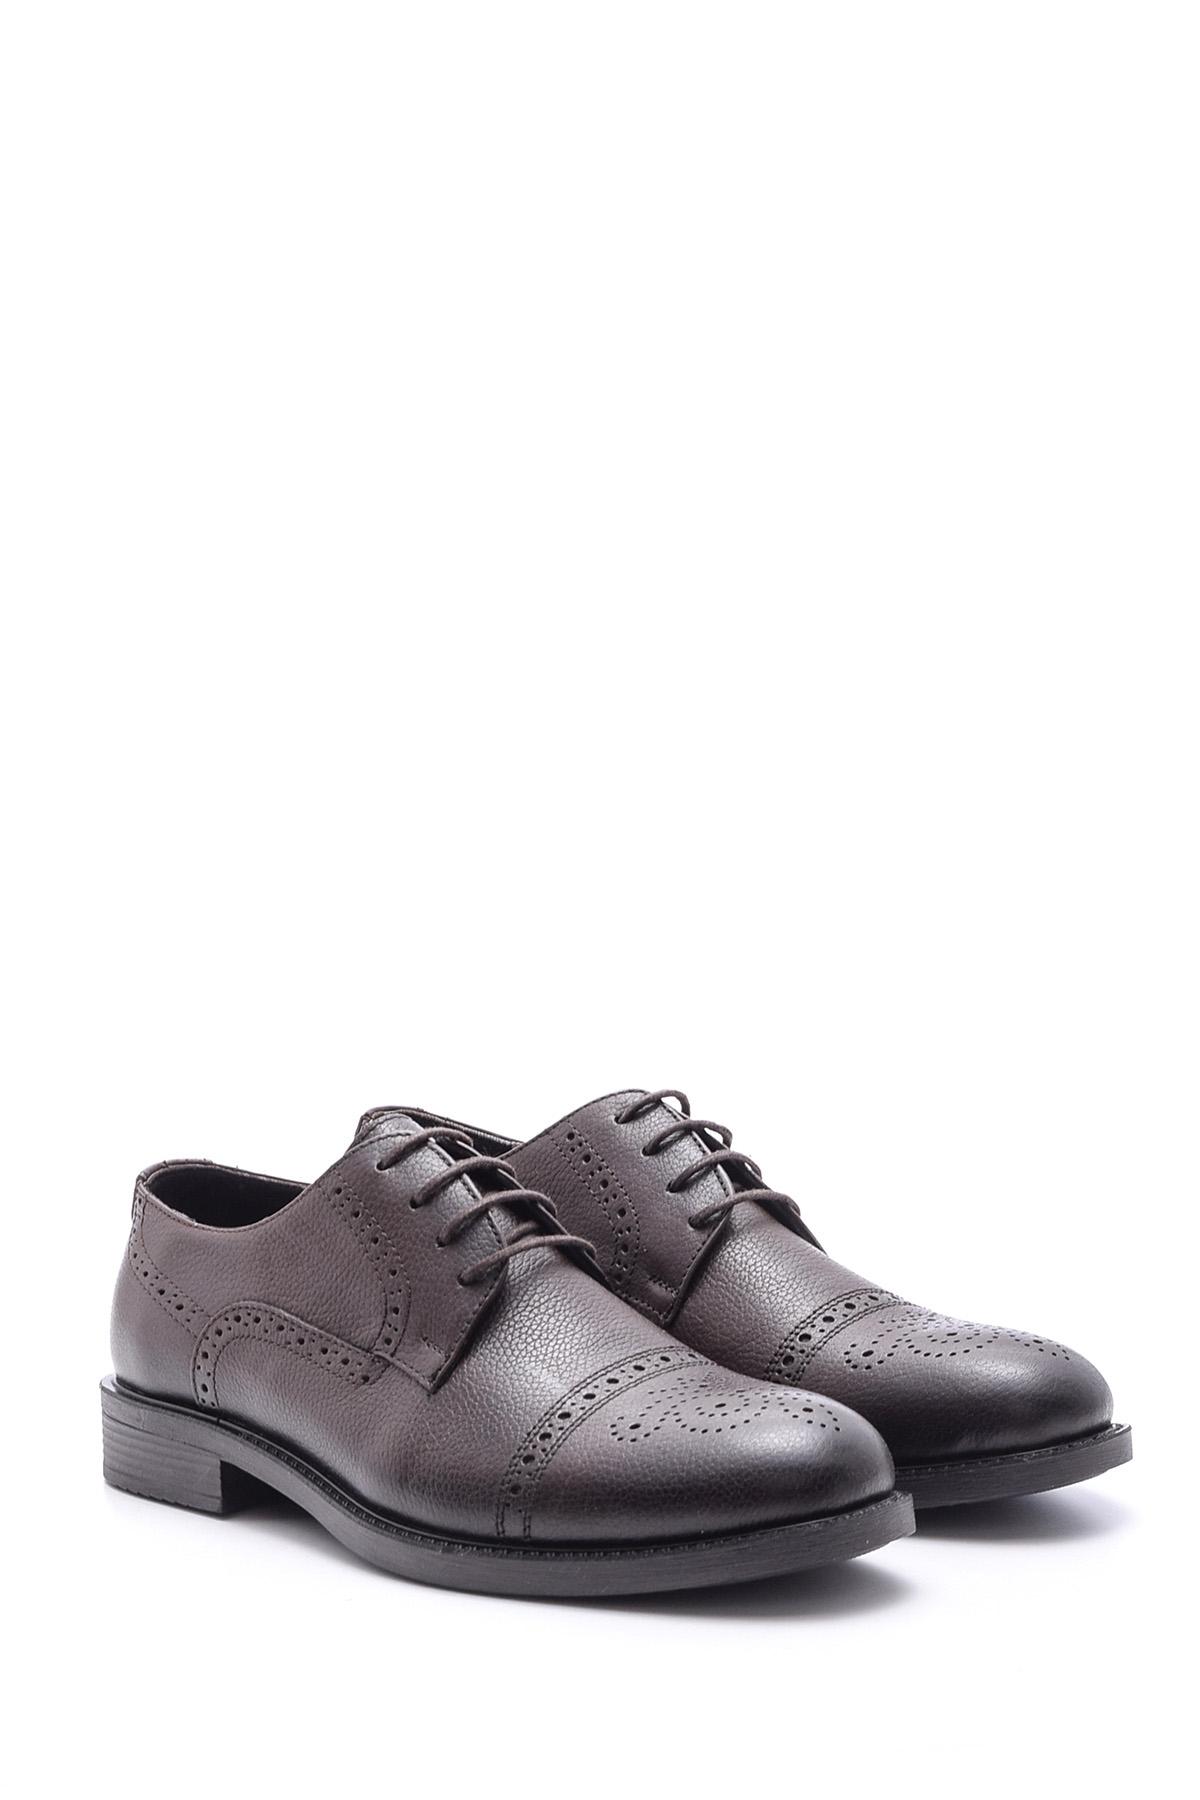 Kahverengi Erkek Casual Deri Ayakkabı 5638097875